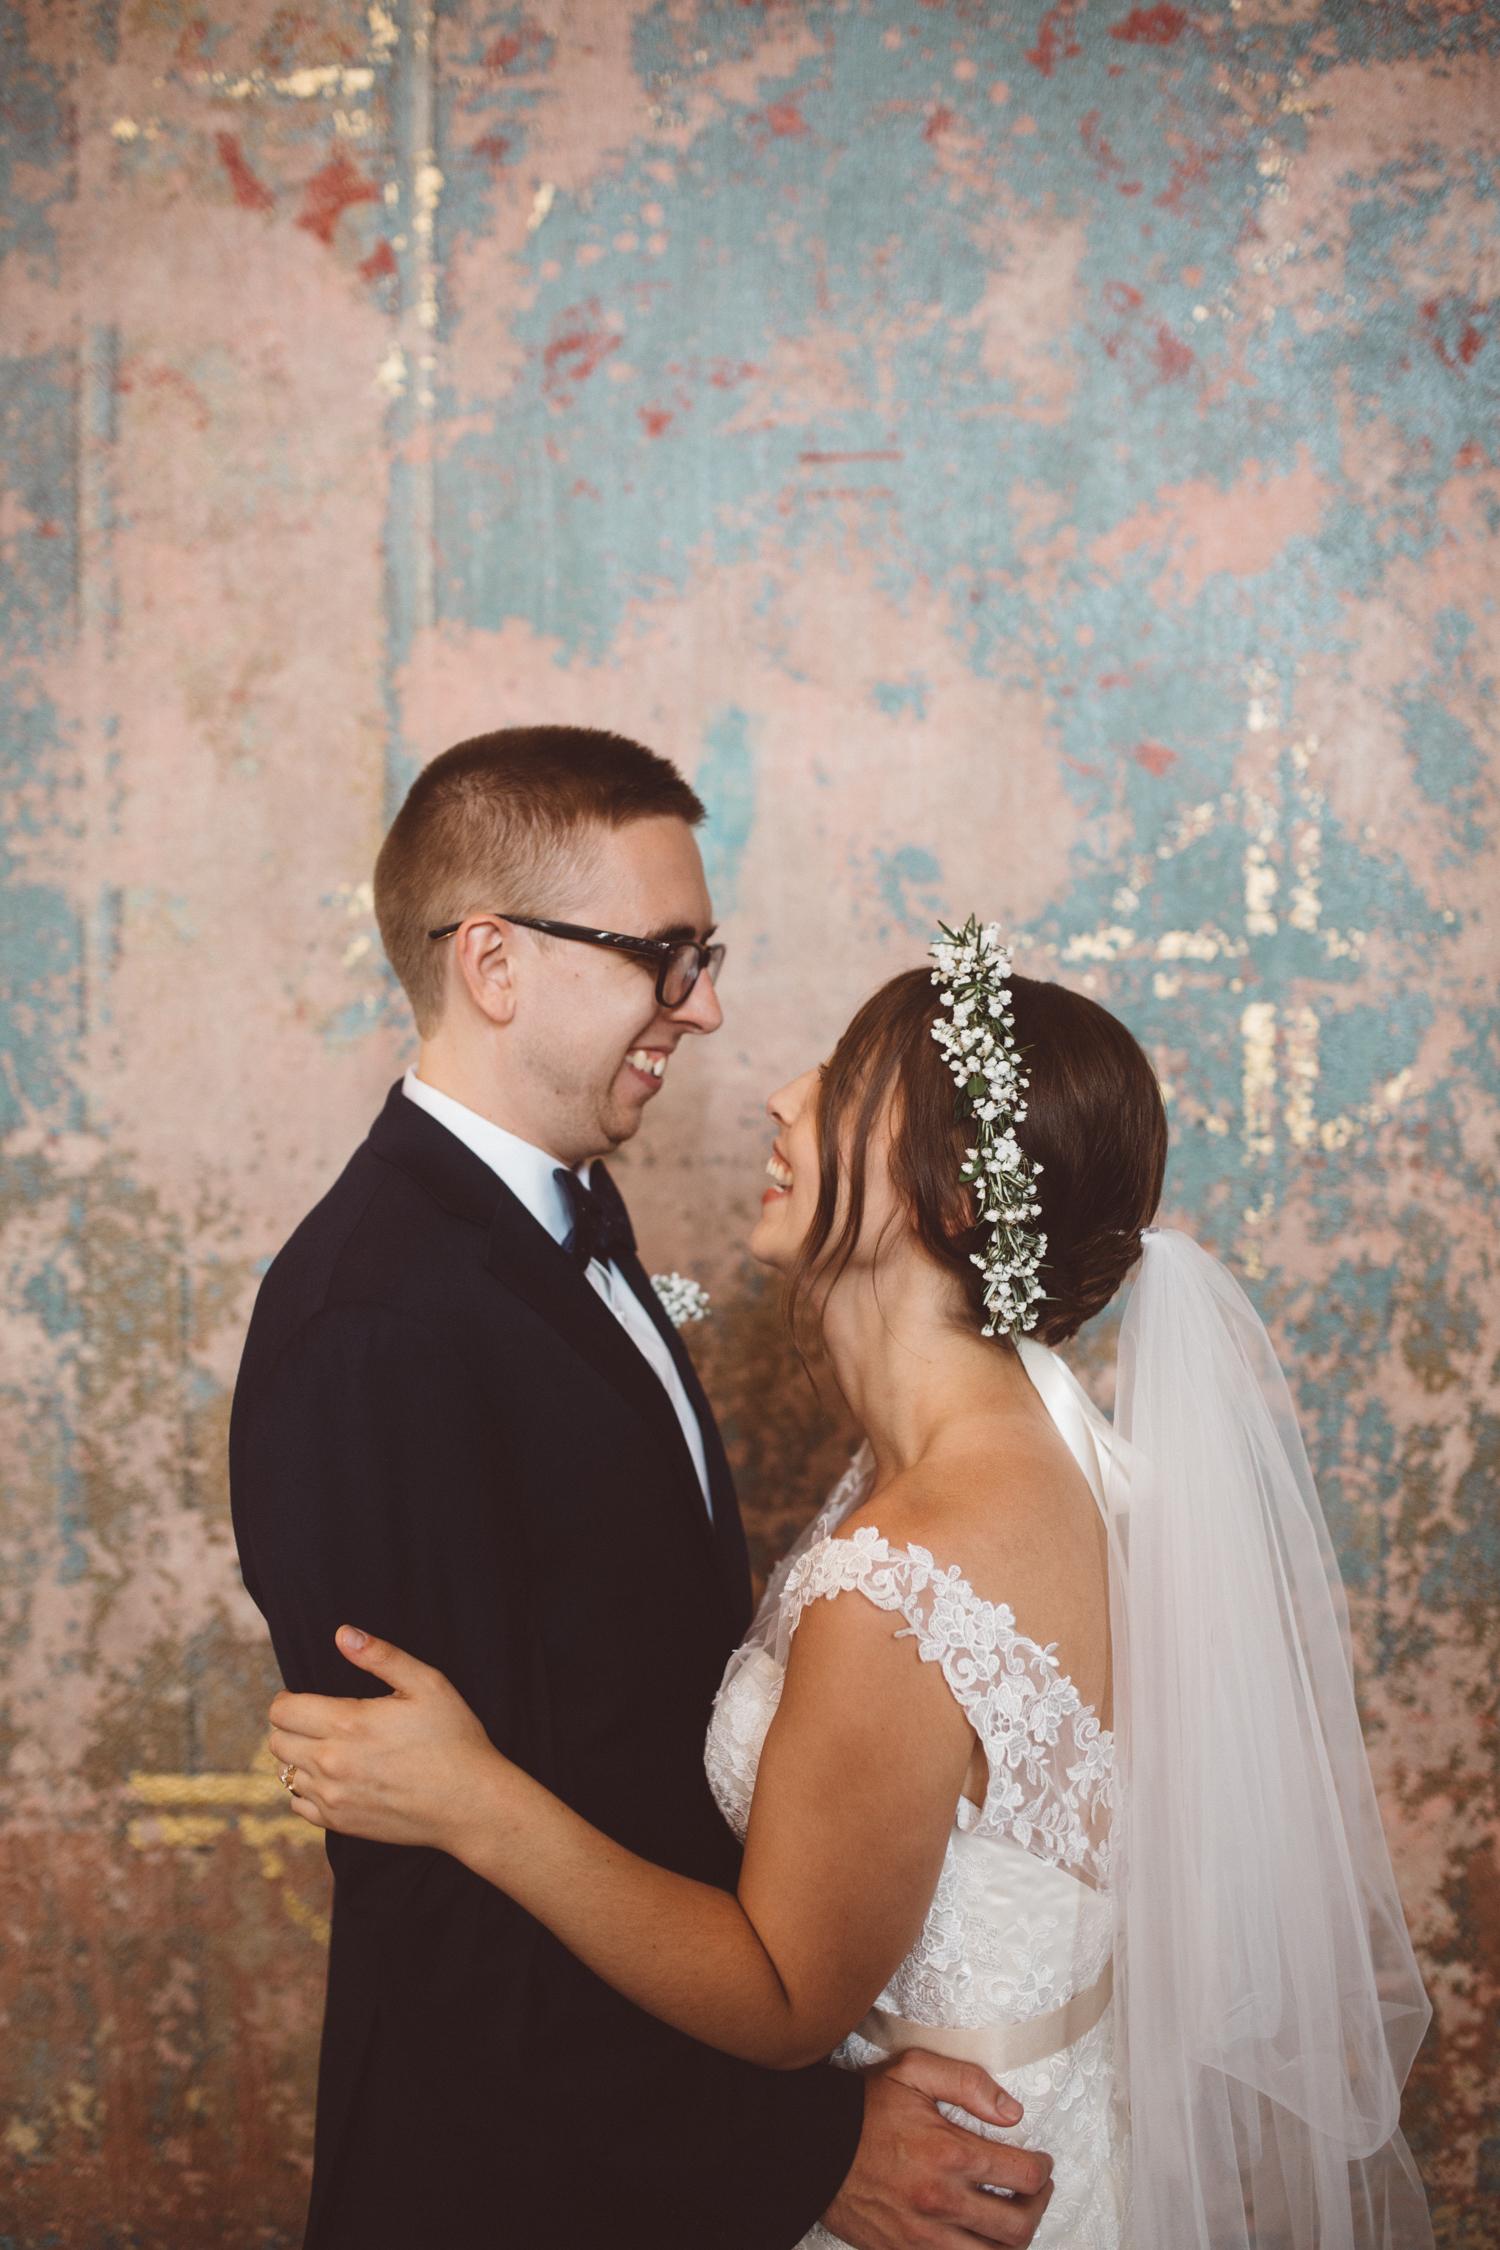 KDP_julia&jake_wedding-308.JPG